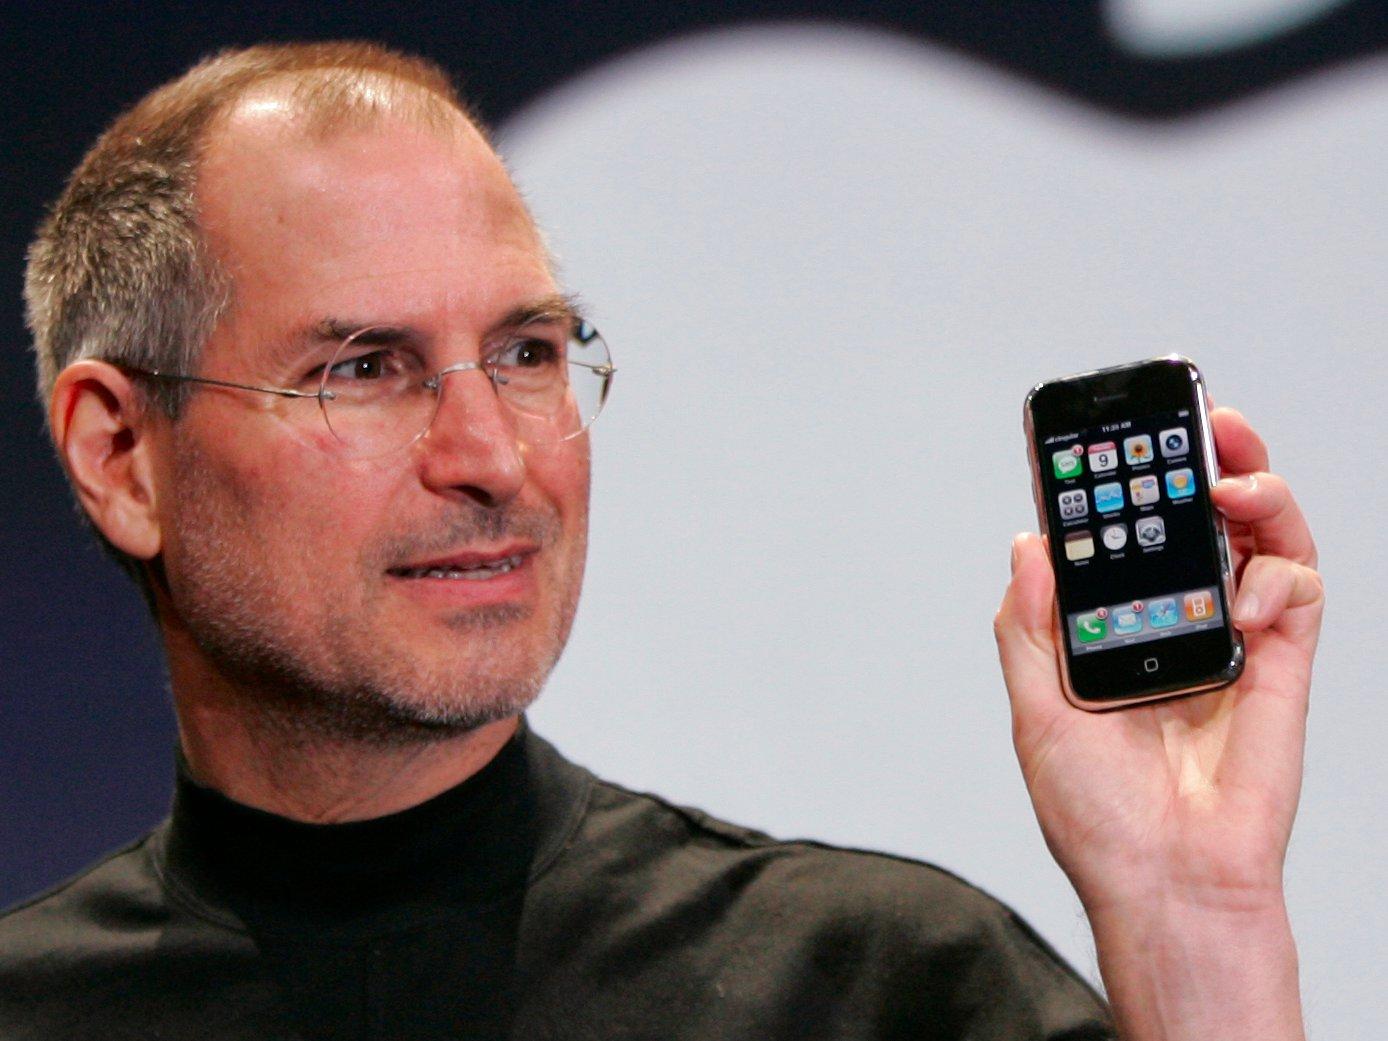 حرف i در آیفون و دیگر محصولات اپل به چه معنا است؟